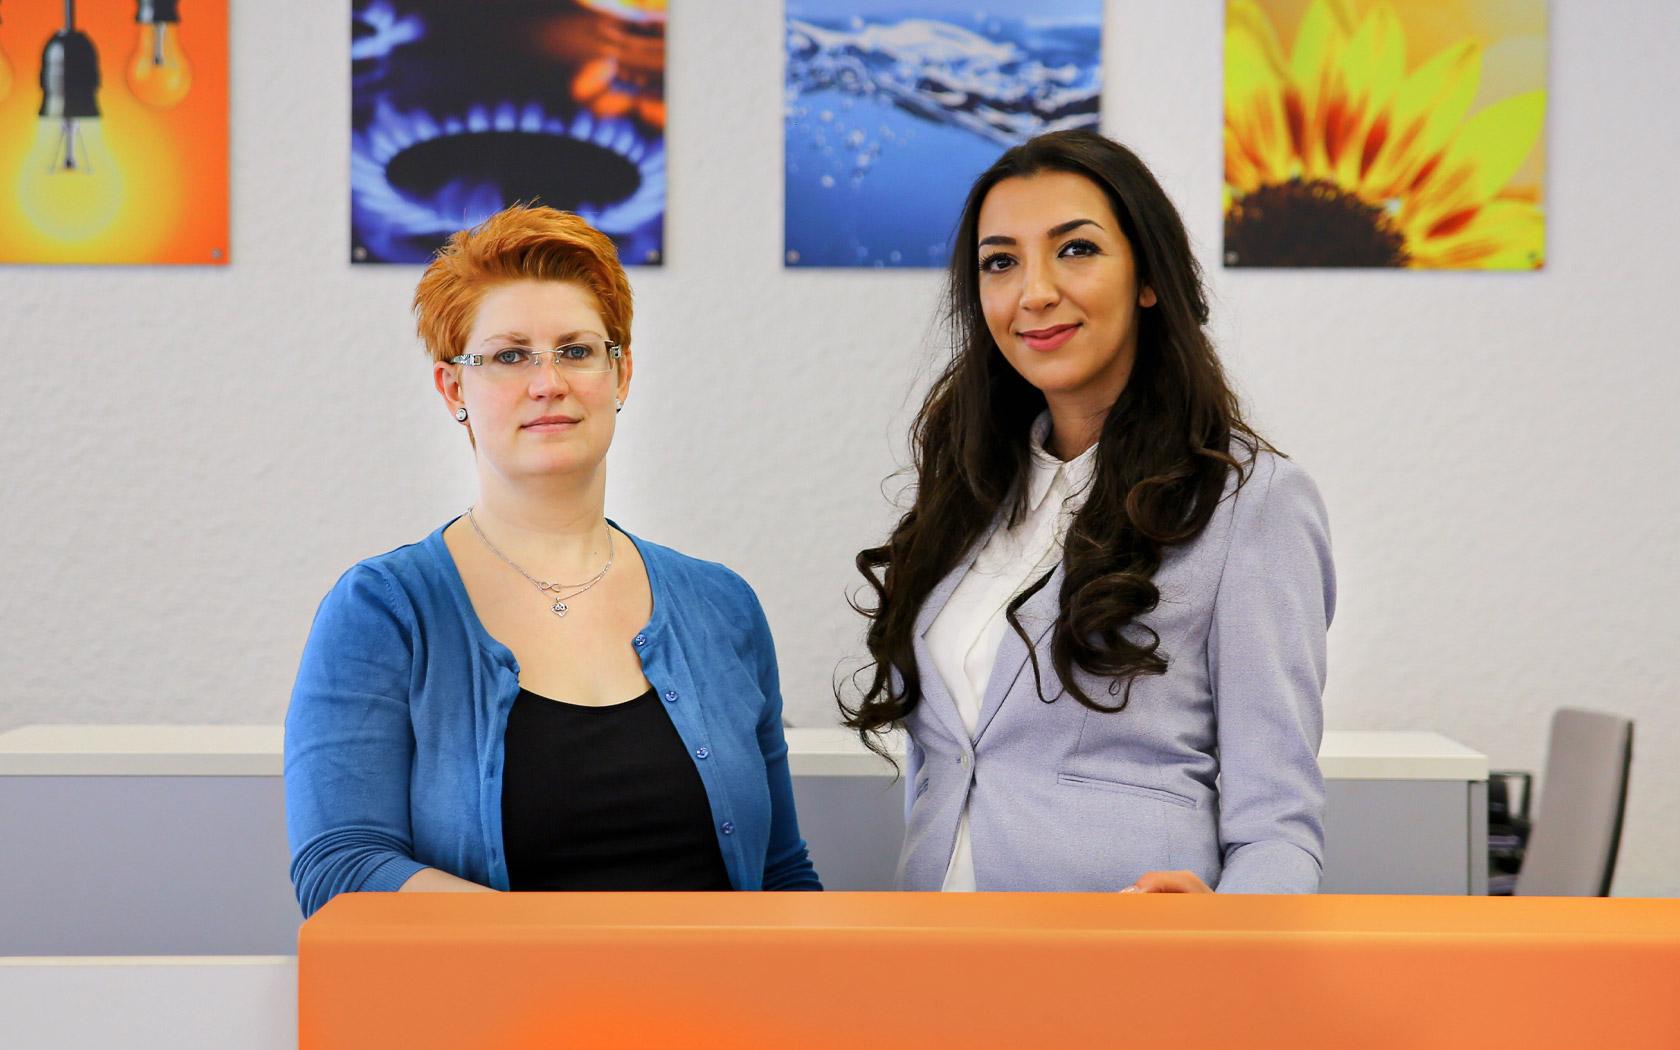 Stadtwerke Winnenden: Unternehmen Kundenzentrum Beraterinnen